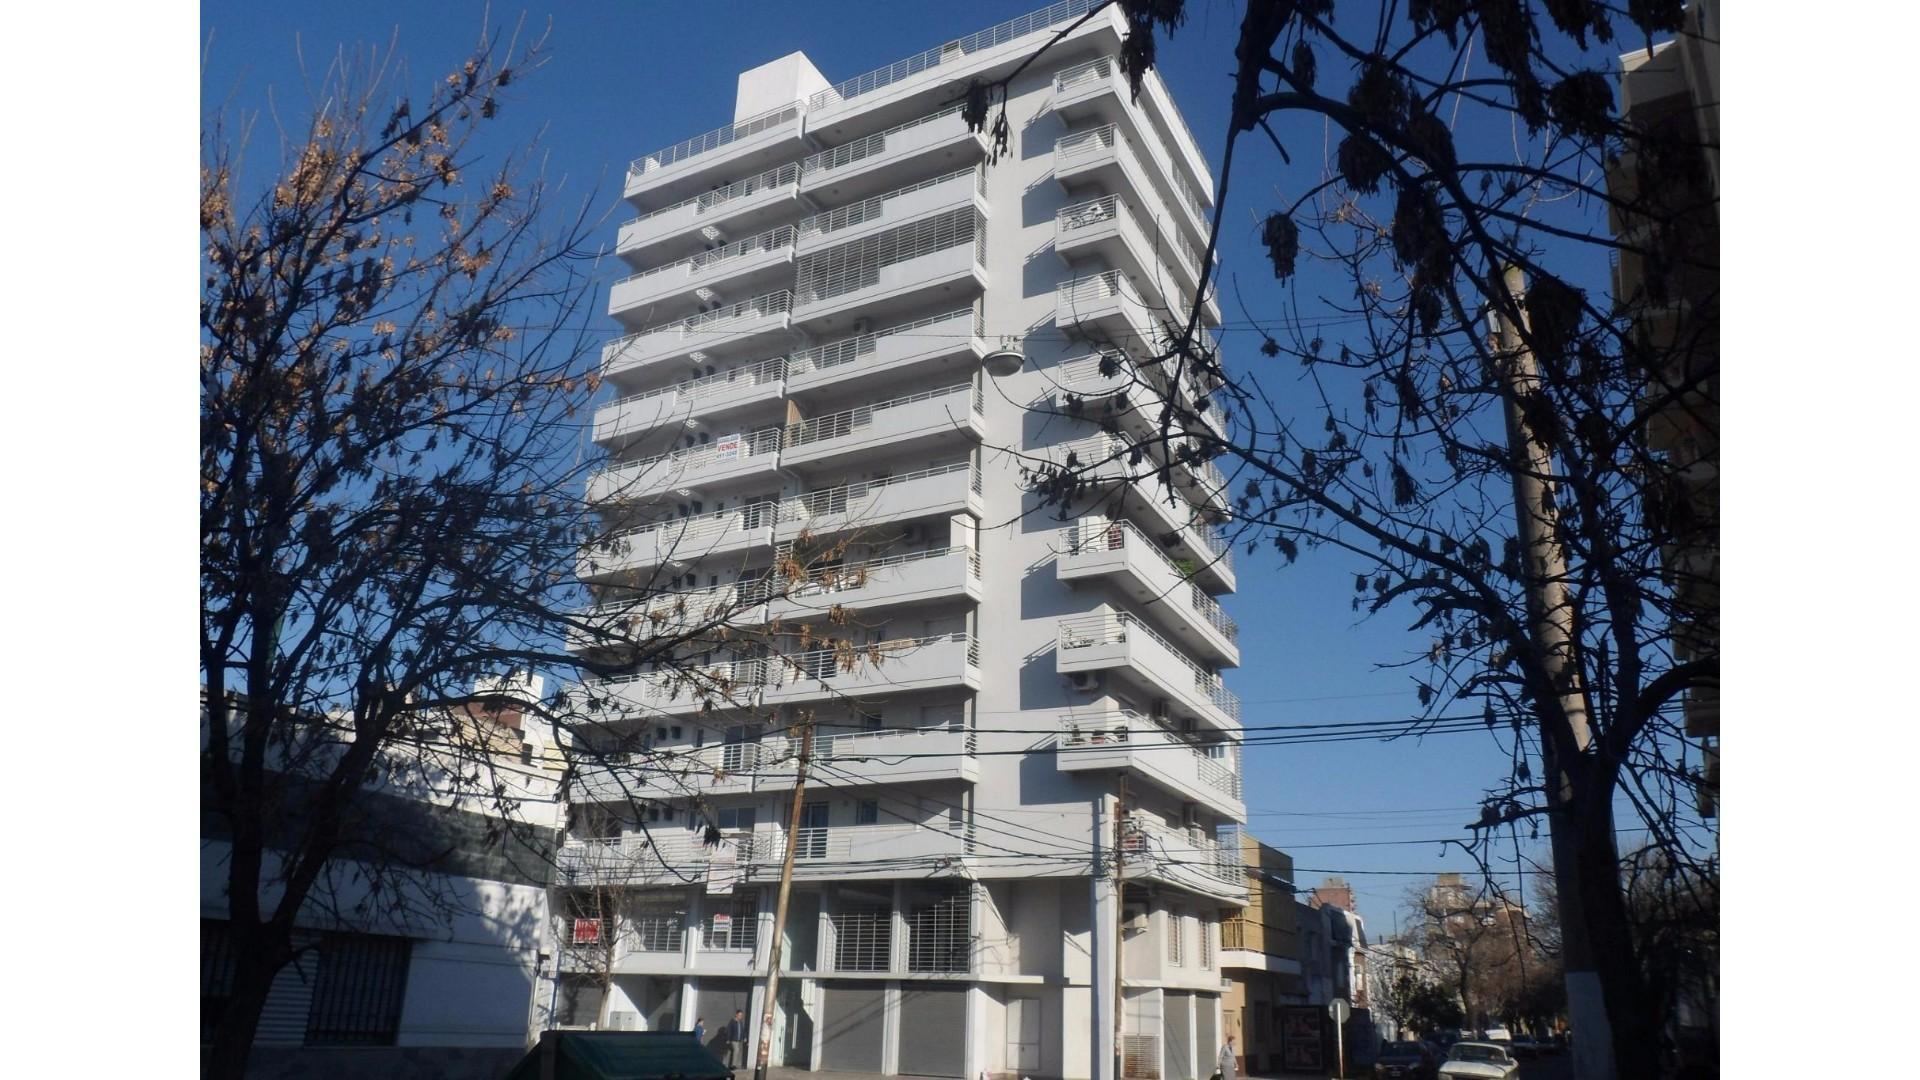 Corrientes 2518  1 Dormitorio-Alquilado- 2do Piso